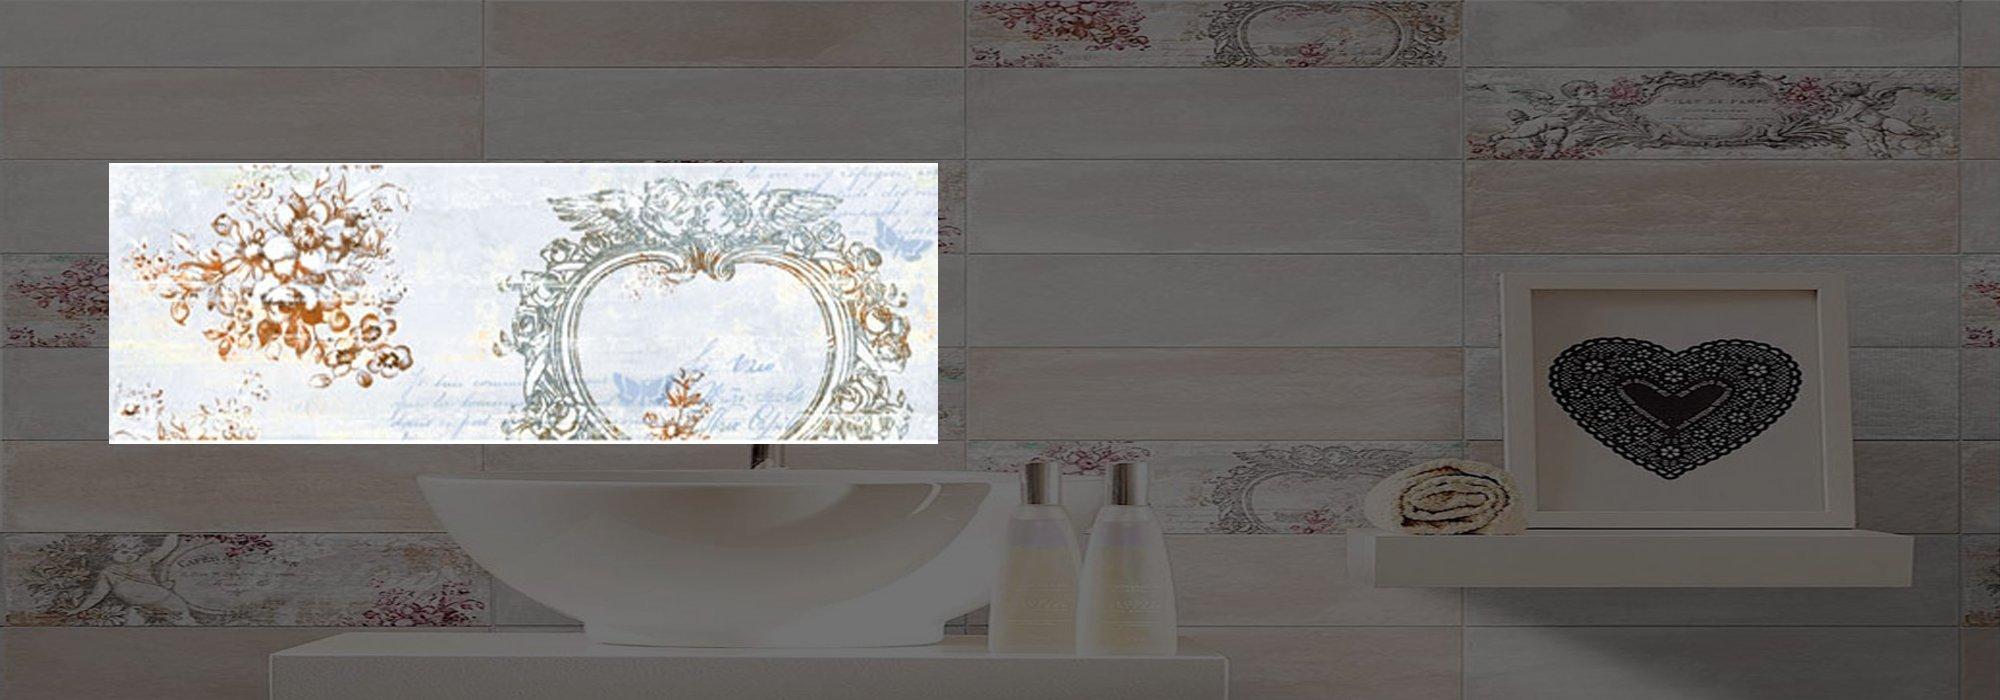 דקור קרמיקה אנטיק כחלחל דגם 02 10*30 by Milstone